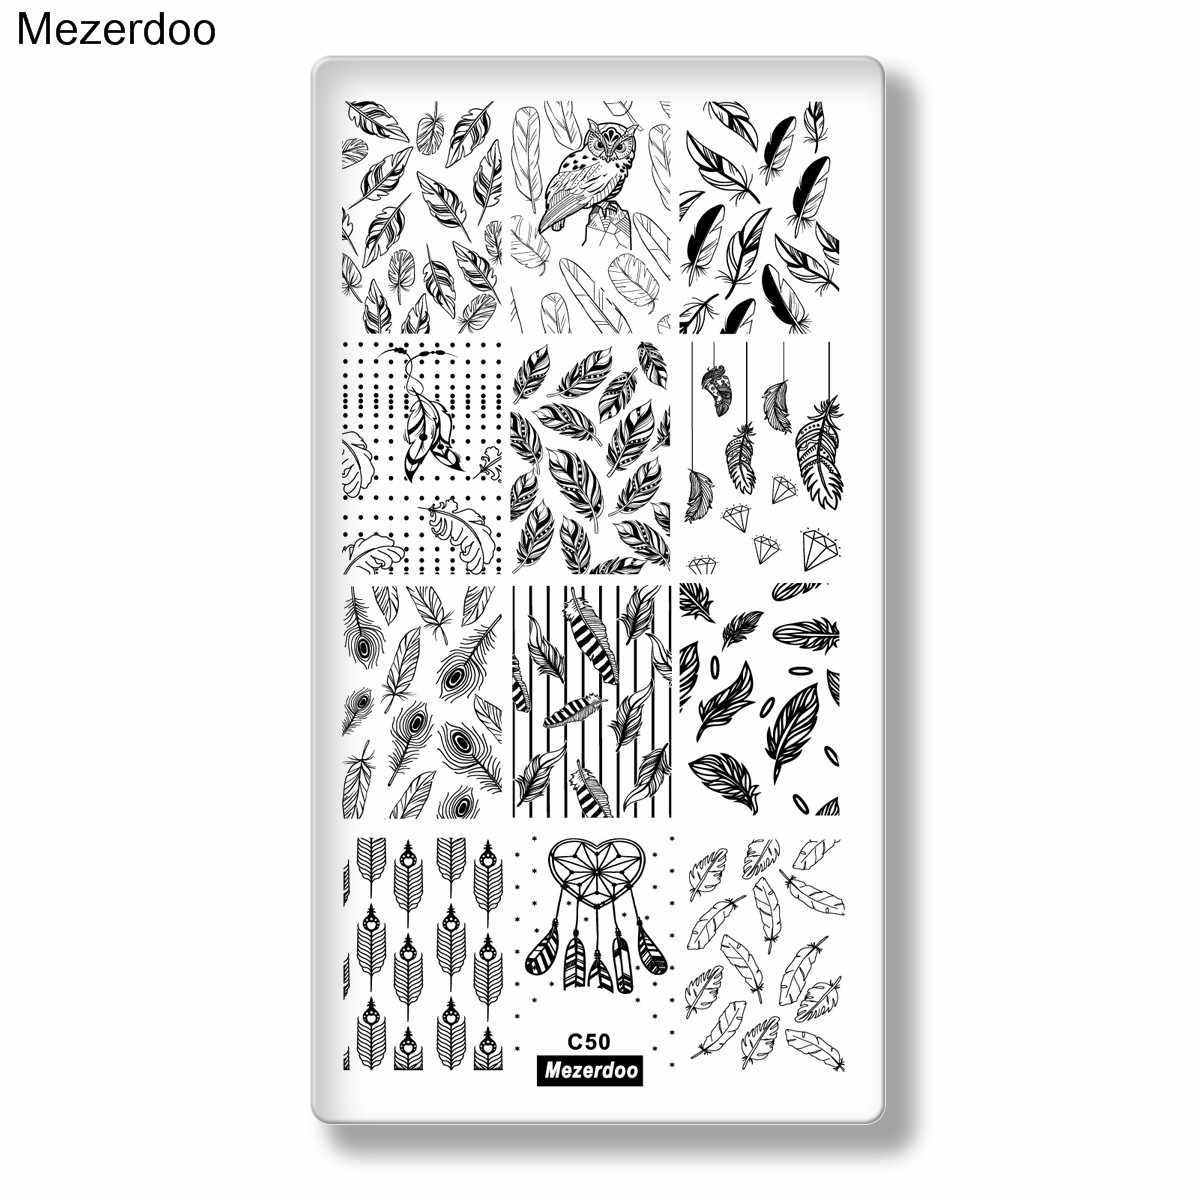 Feather เล็บแม่แบบ Nail Art Stamping Plate นกหางลูกศรเล็บพิมพ์แม่แบบนกฮูกสัตว์ภาพสำหรับเล็บความงาม